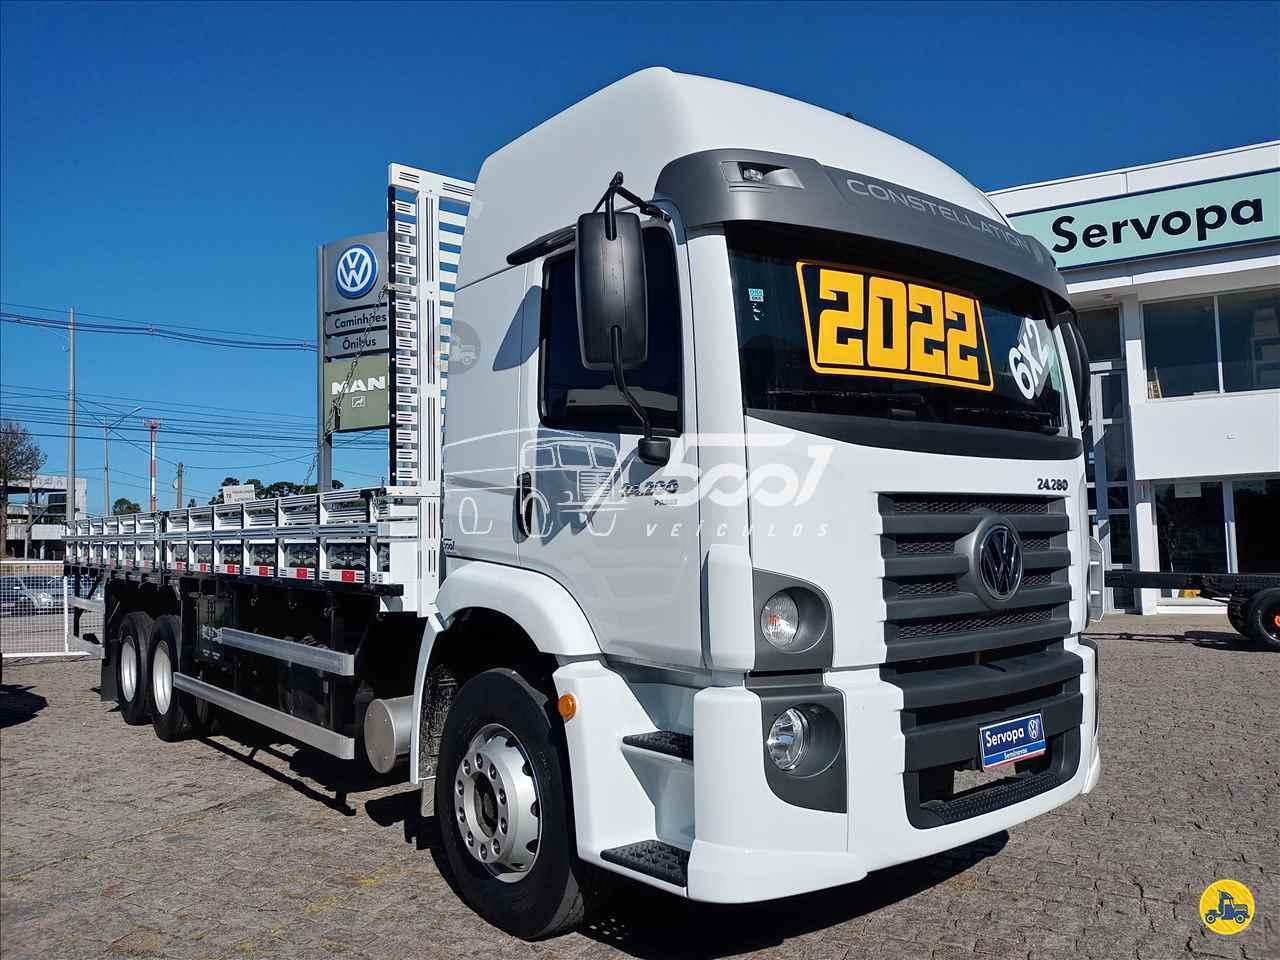 CAMINHAO VOLKSWAGEN VW 24280 Carroceria Cabine Suplementar Truck 6x2 5001 Veículos - Curitiba CURITIBA PARANÁ PR